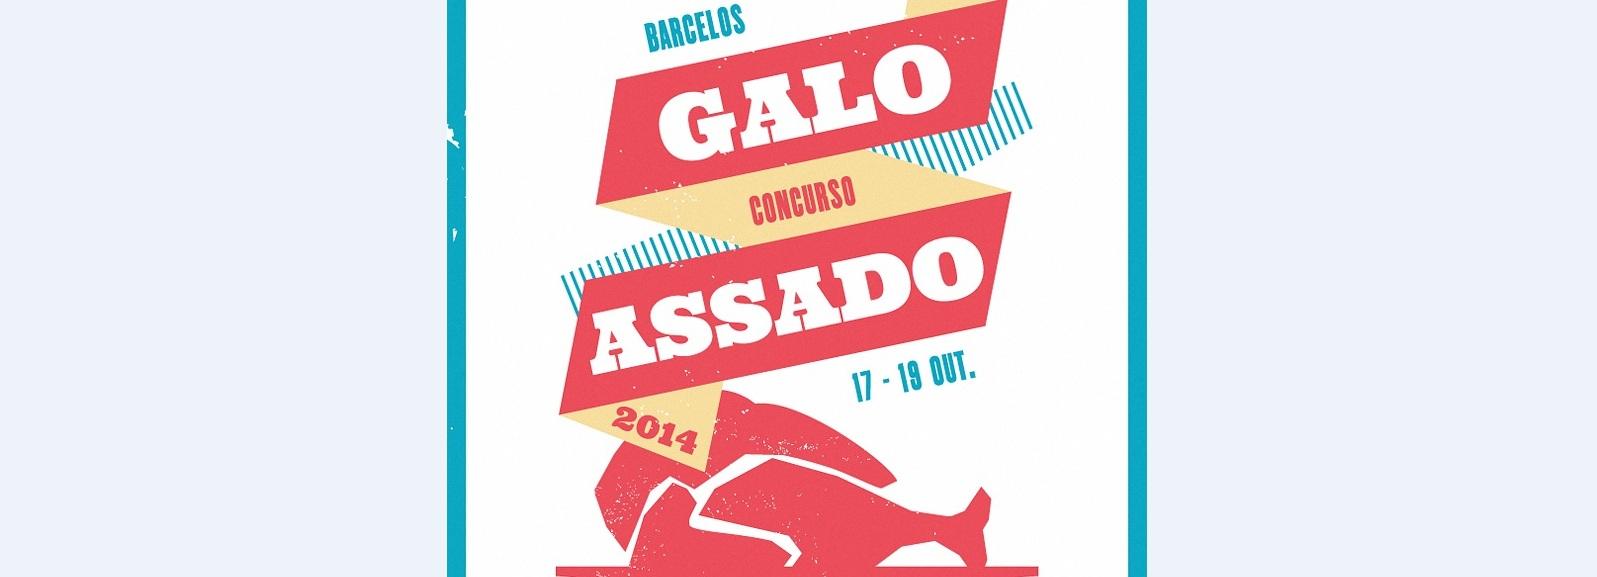 Concurso Galo Assado de volta aos restaurantes de Barcelos